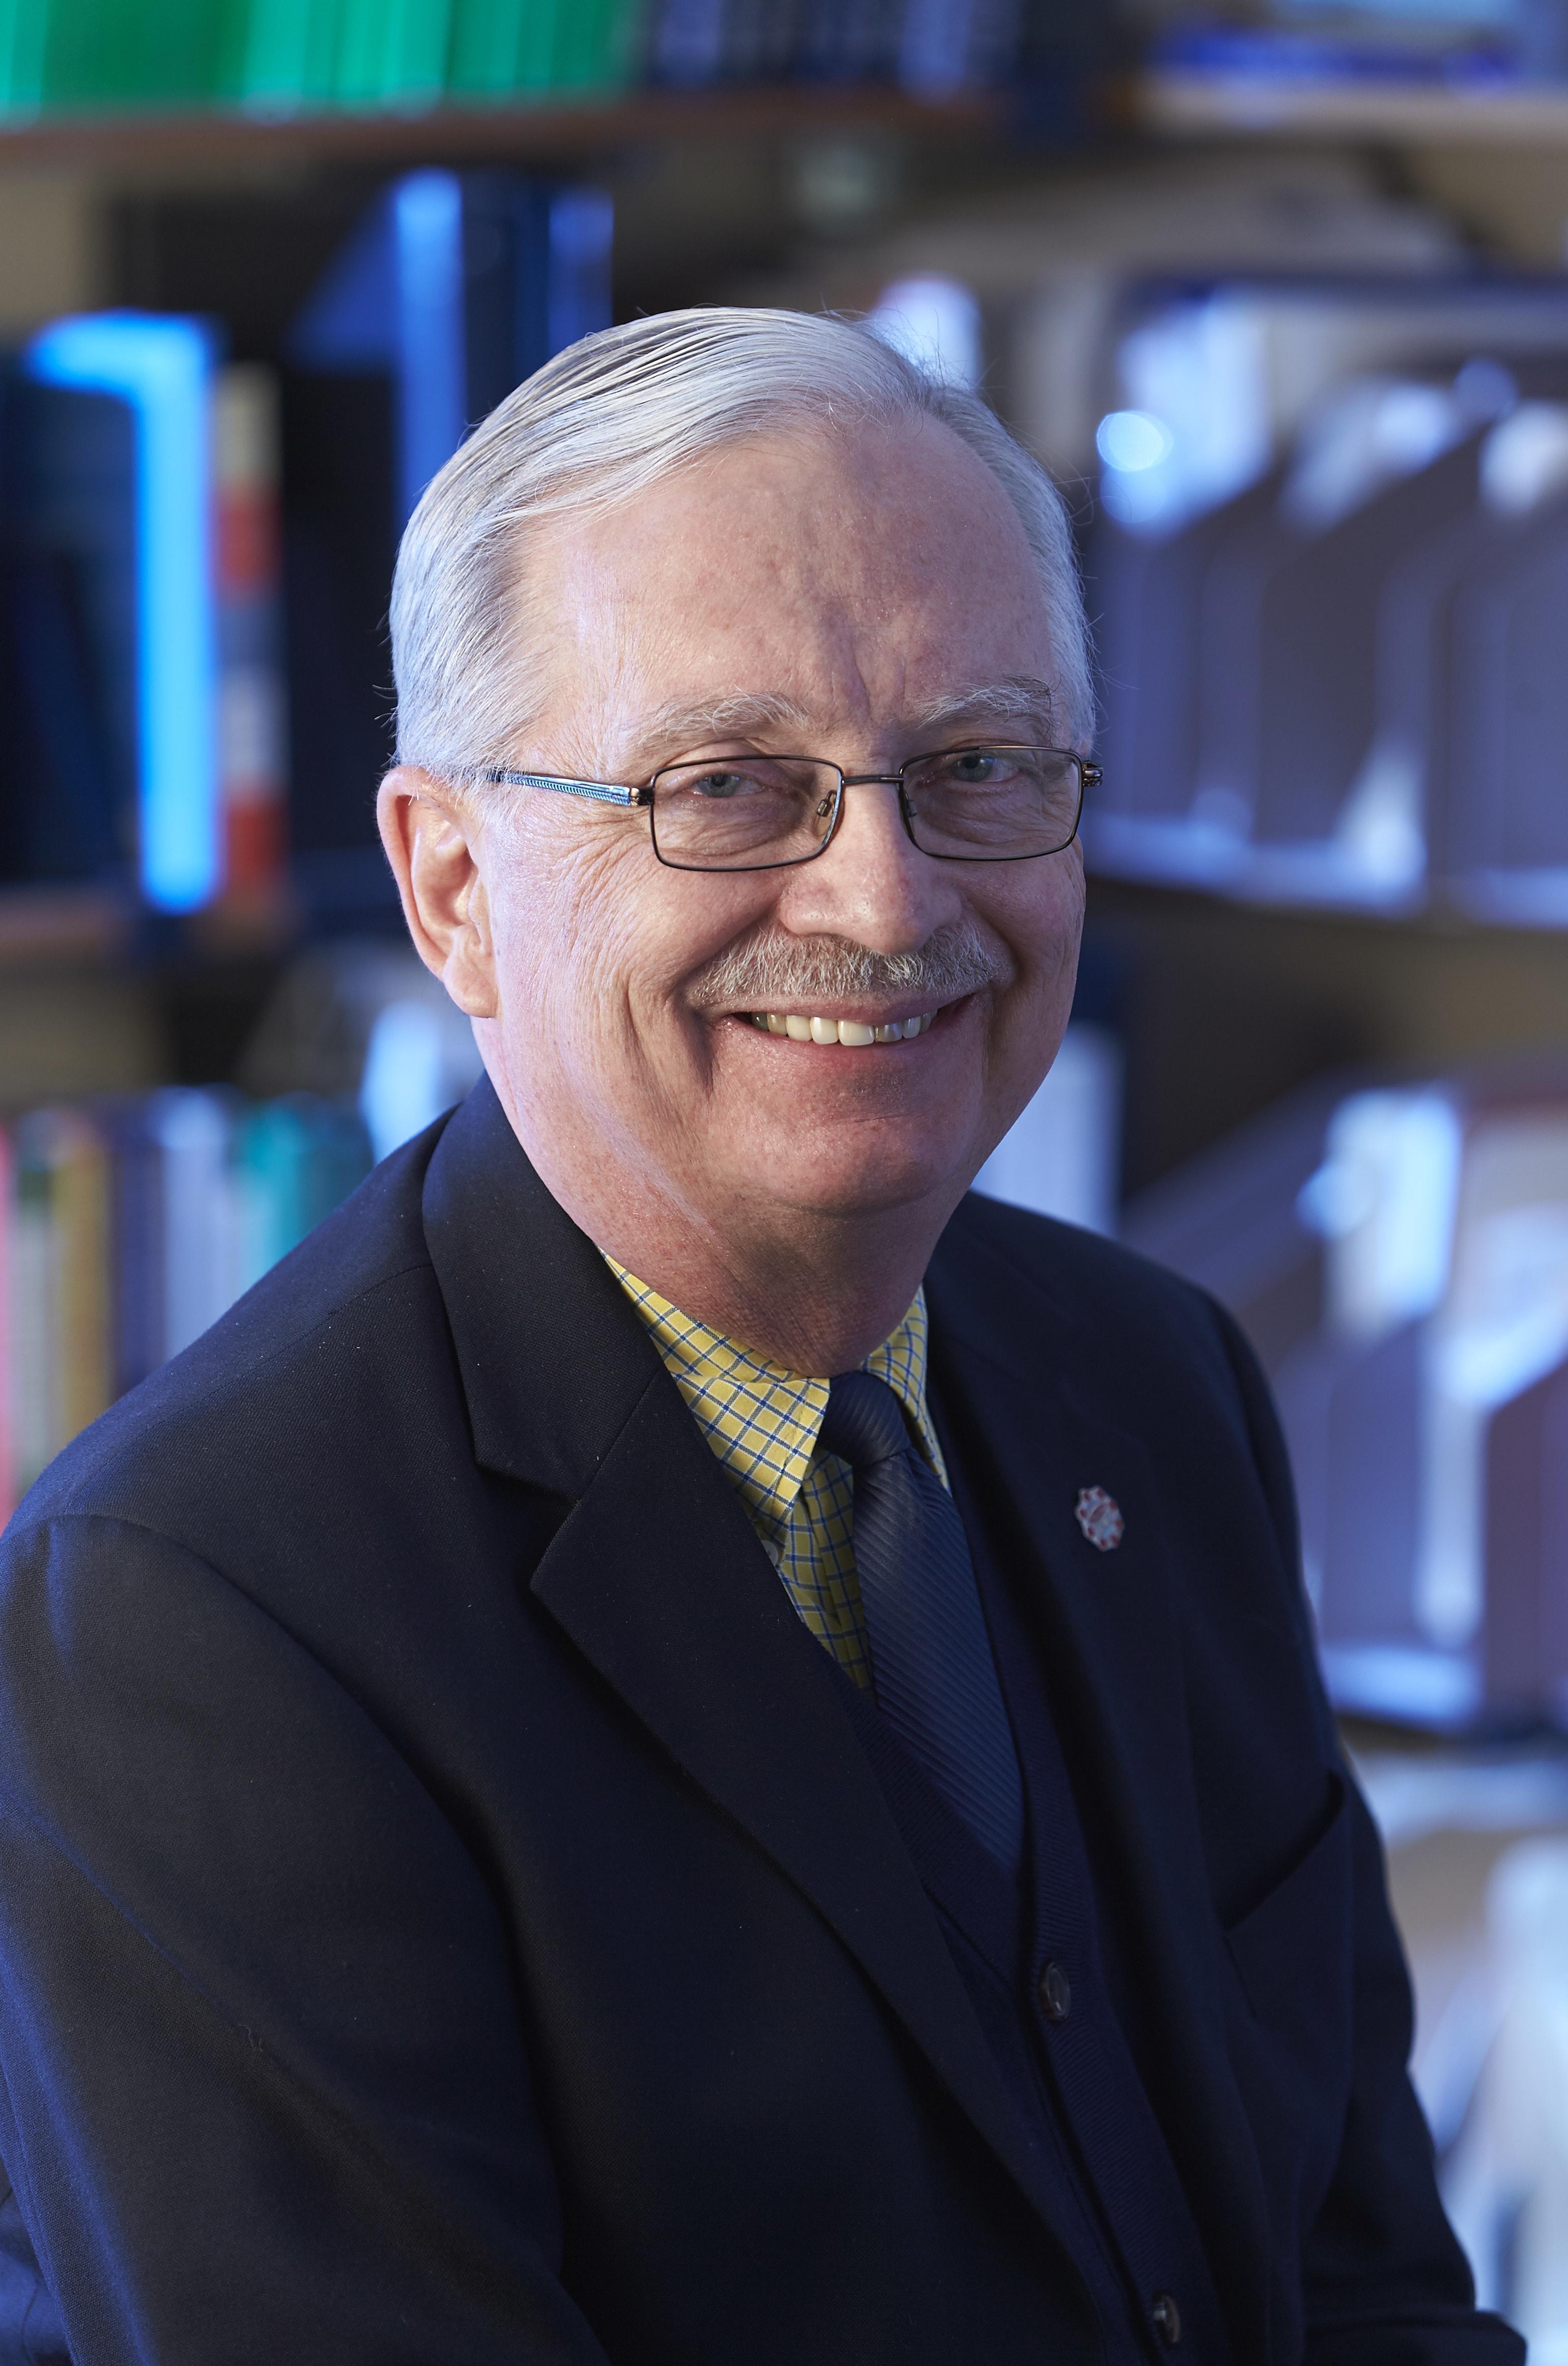 Stephen Miller News Center University Of Nevada Las Vegas